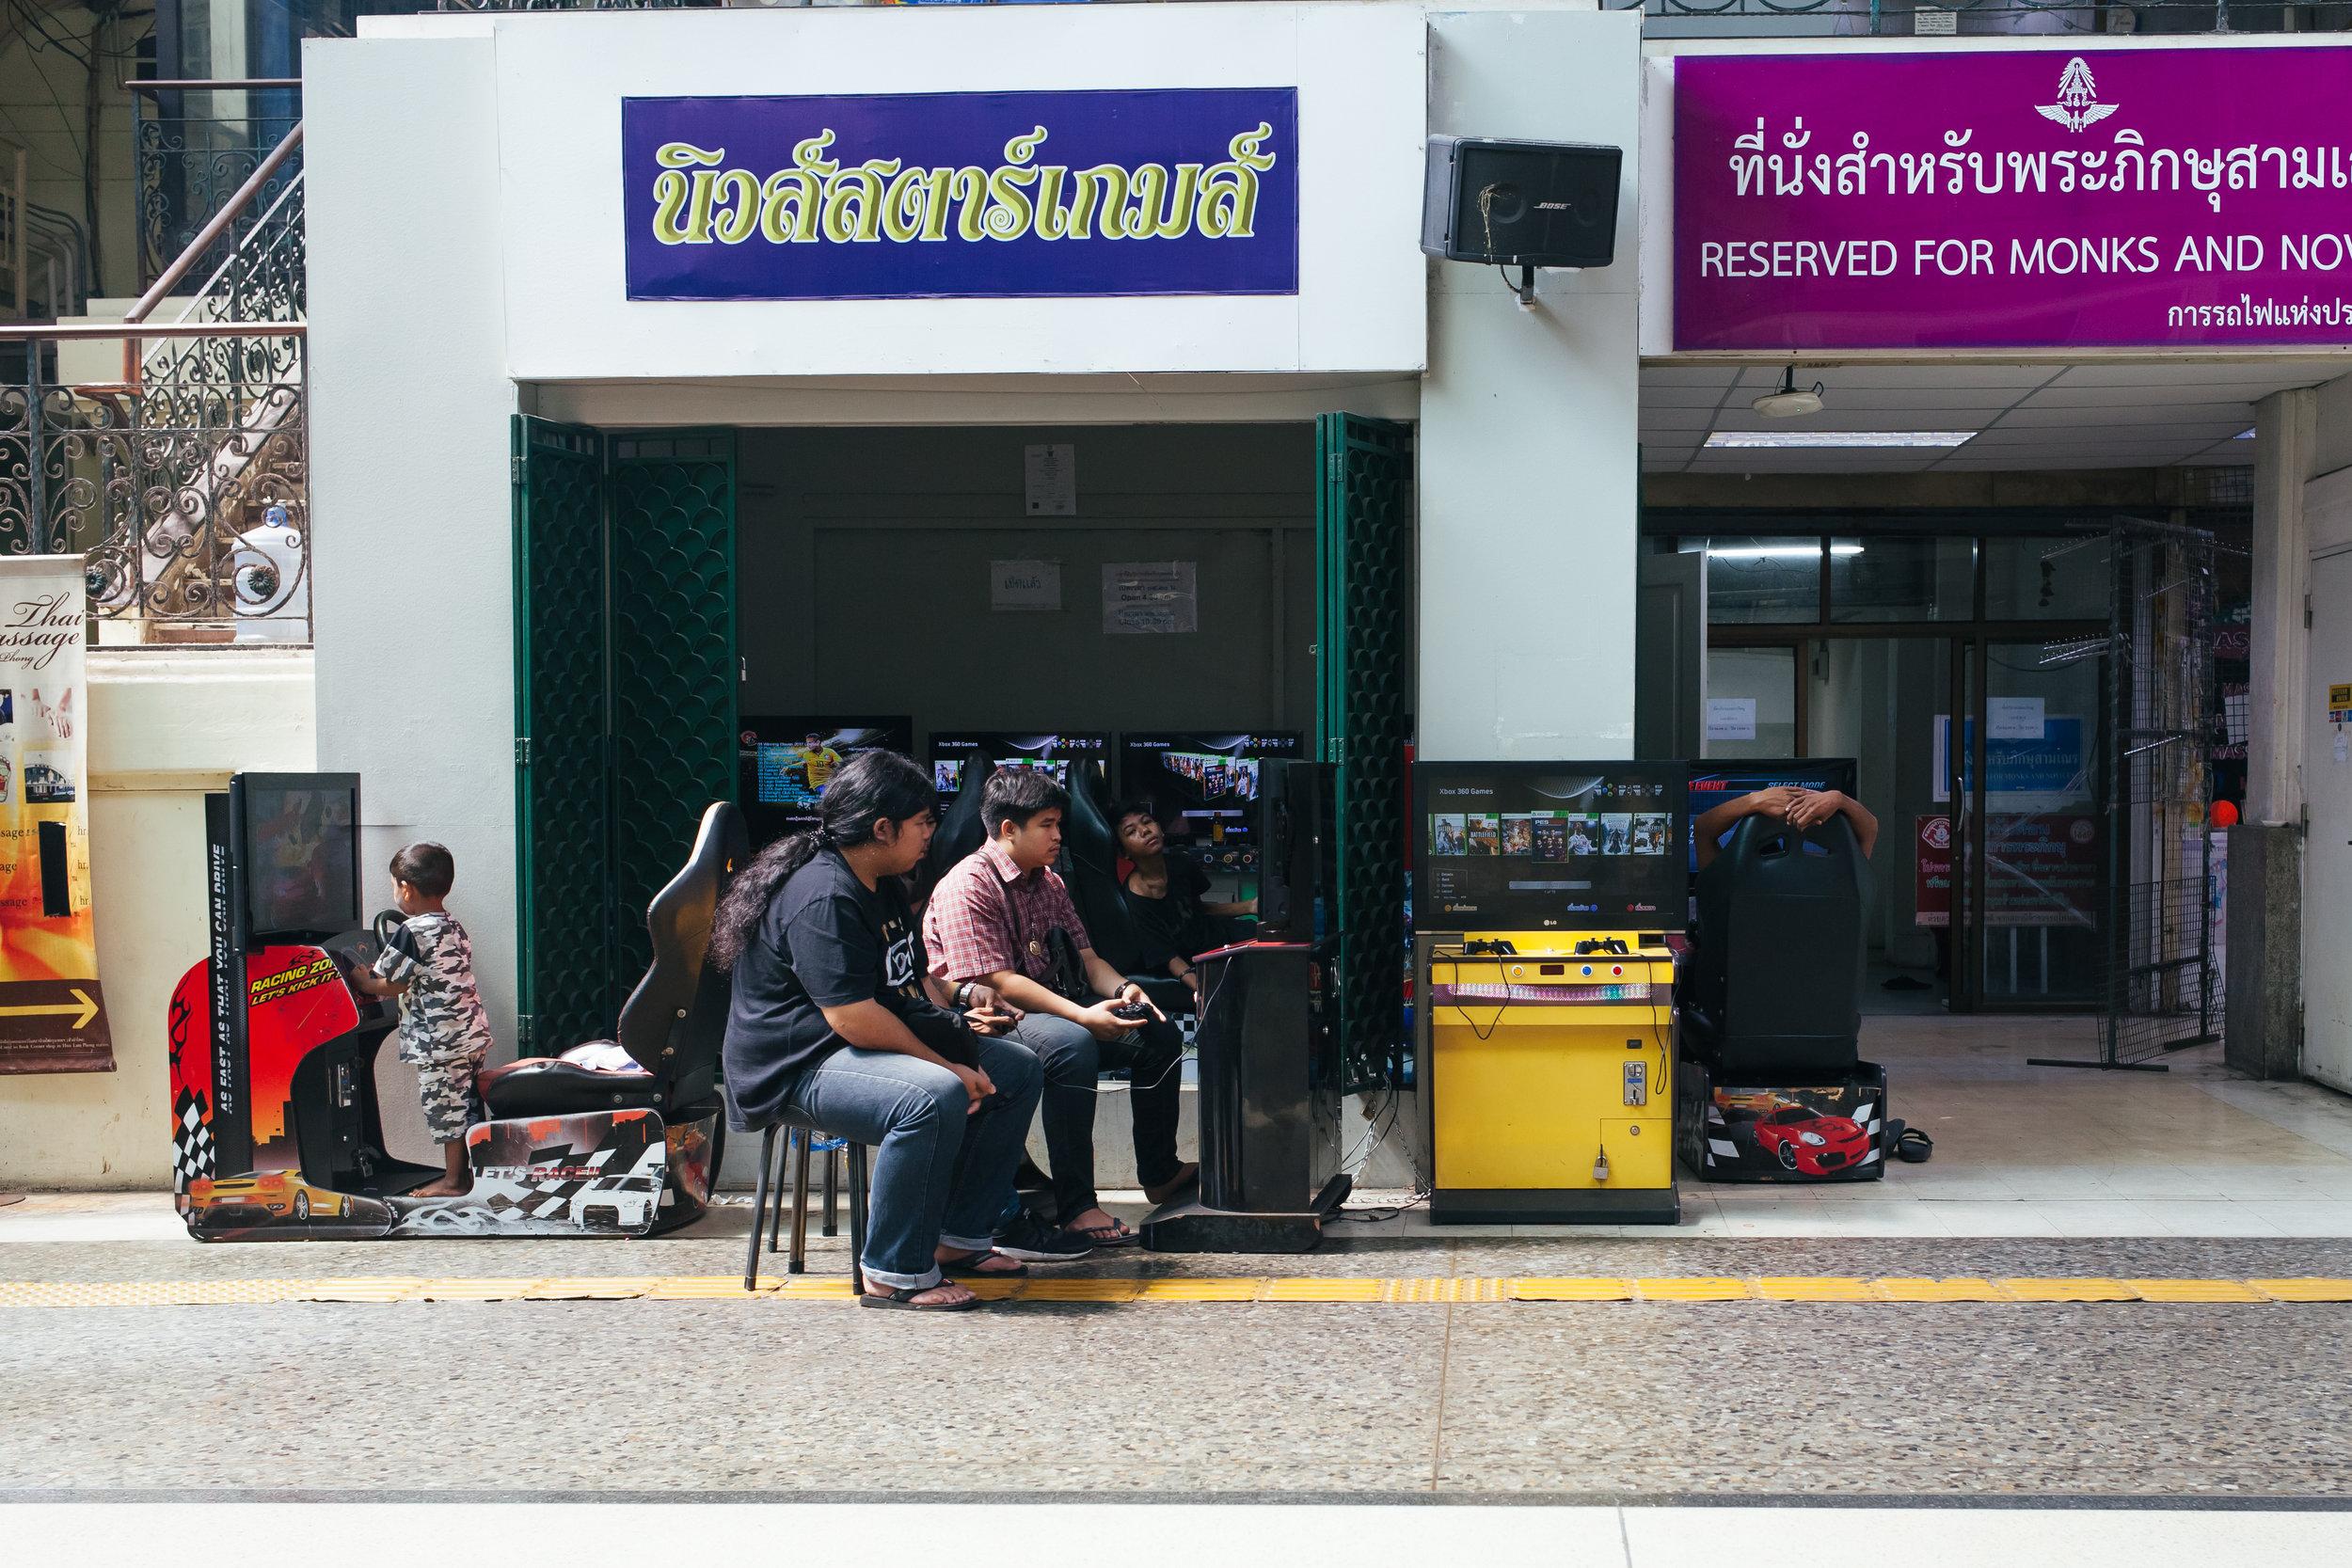 thailand_lampang_ayuthaya_train (75 of 77).jpg